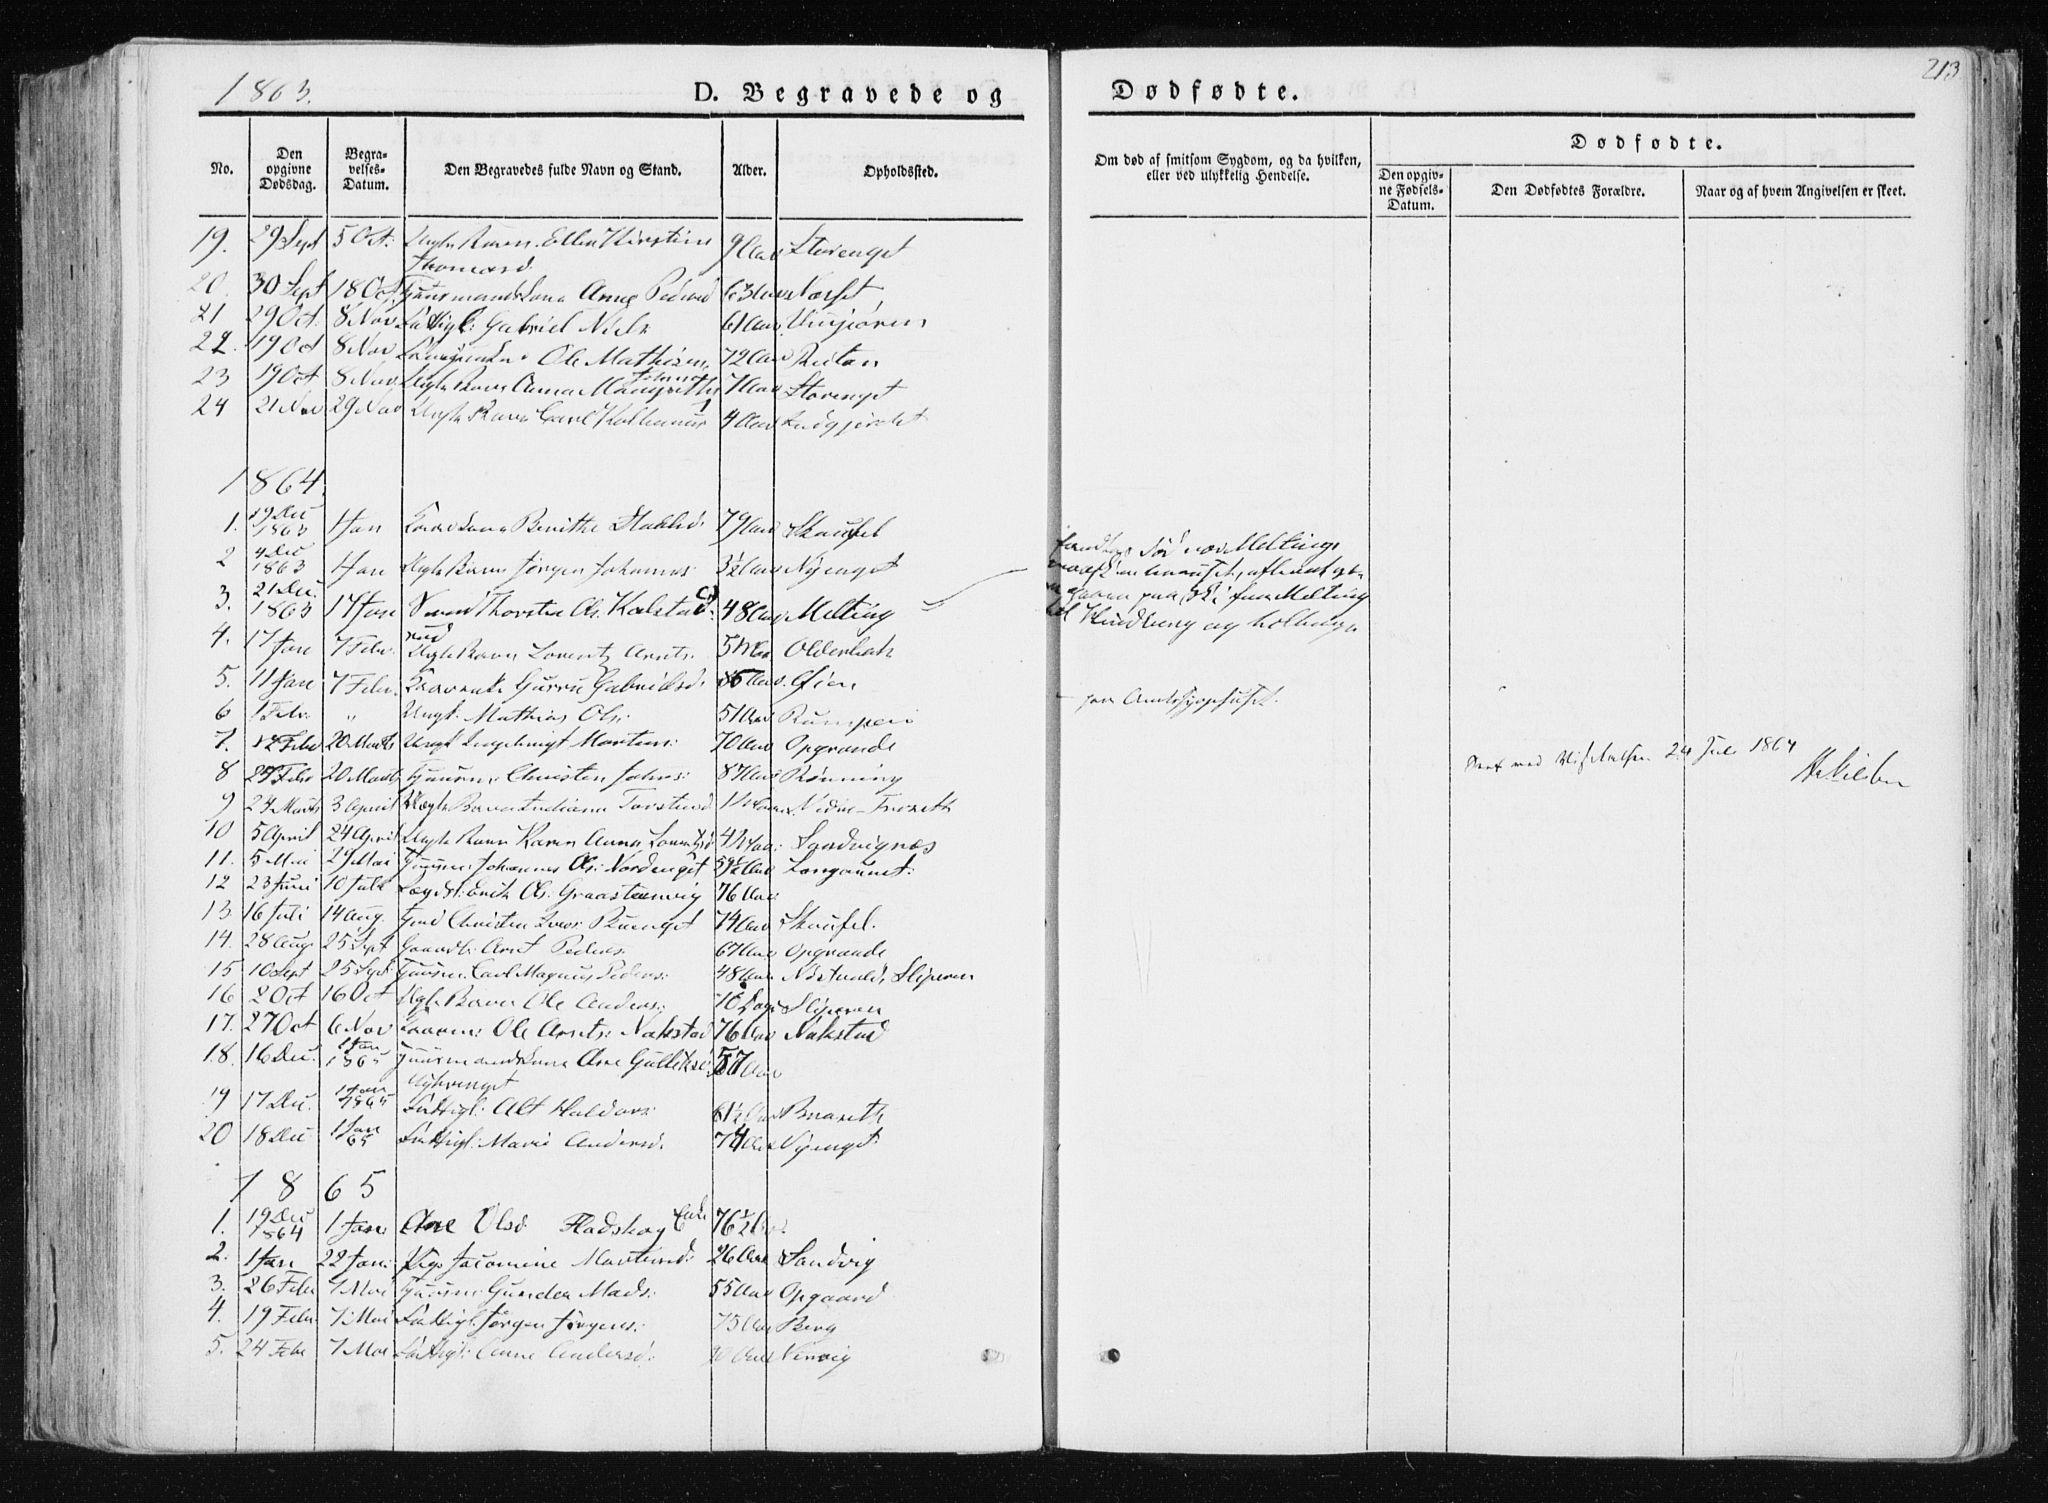 SAT, Ministerialprotokoller, klokkerbøker og fødselsregistre - Nord-Trøndelag, 733/L0323: Ministerialbok nr. 733A02, 1843-1870, s. 213